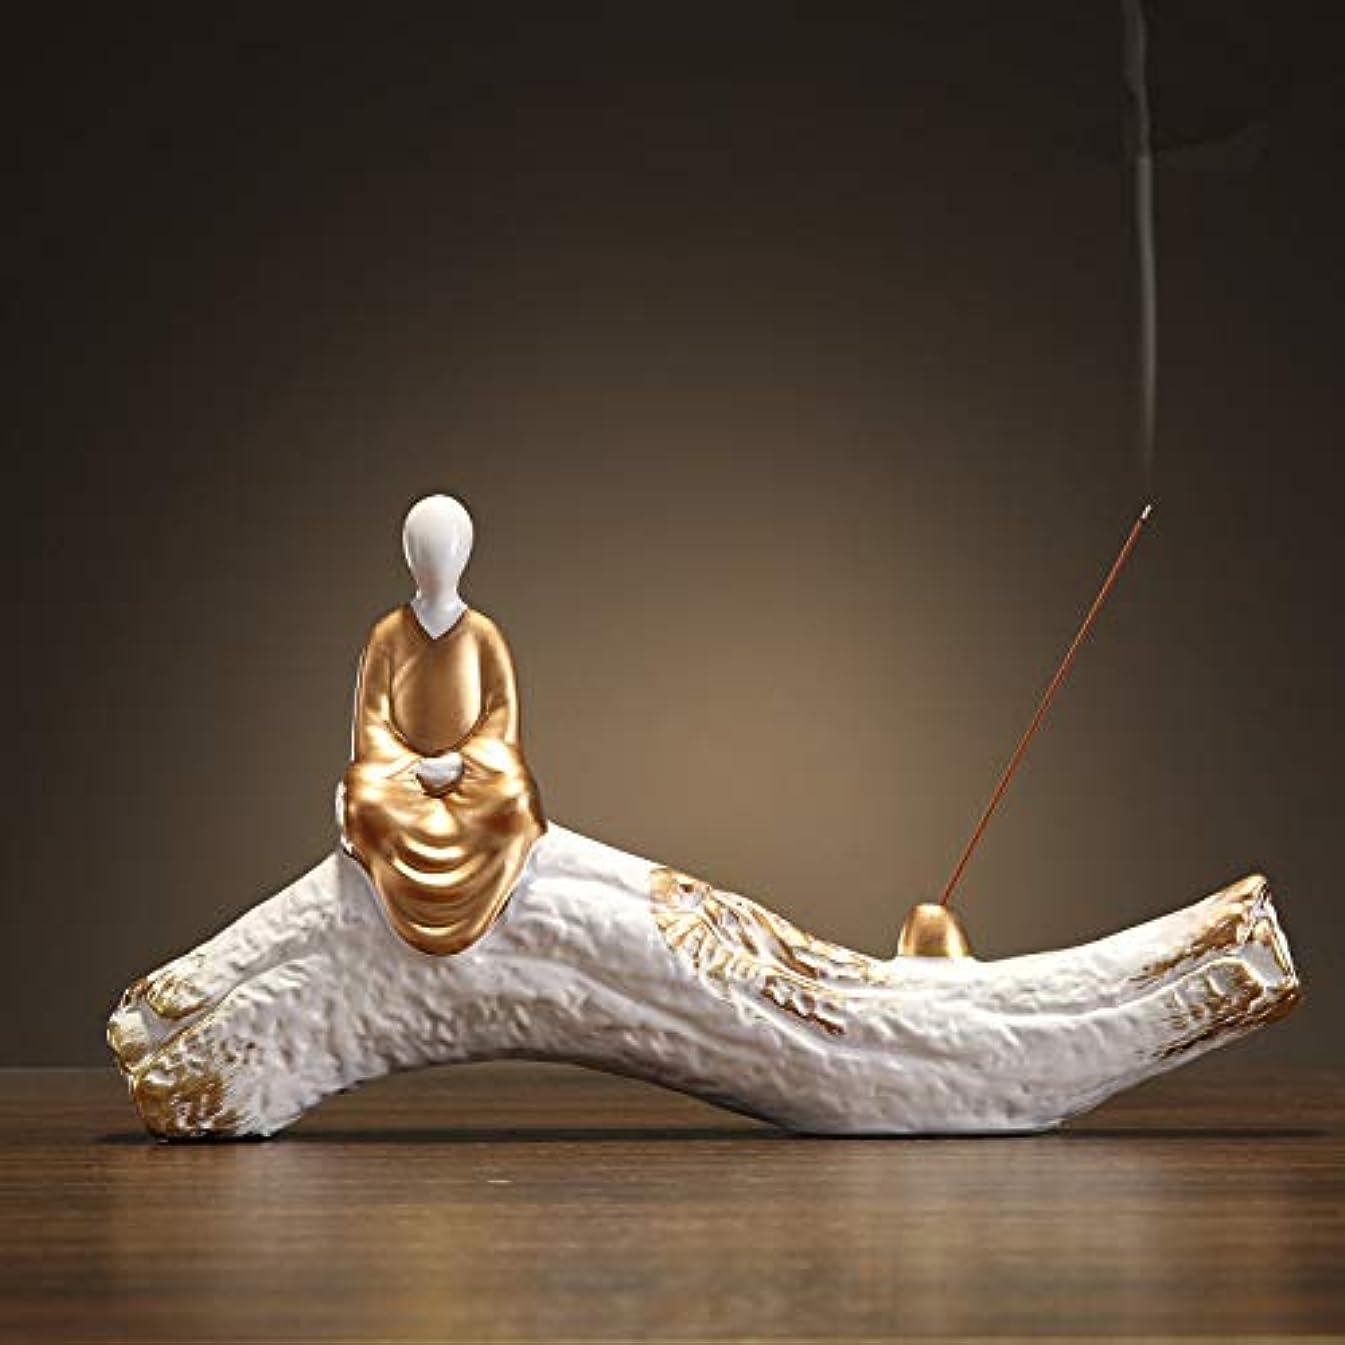 同行回転させるしないでください香炉手作り陶芸香炉コイル仏教香炉仏Bu炉香炉香スティックフレーム29 * 15.5cm